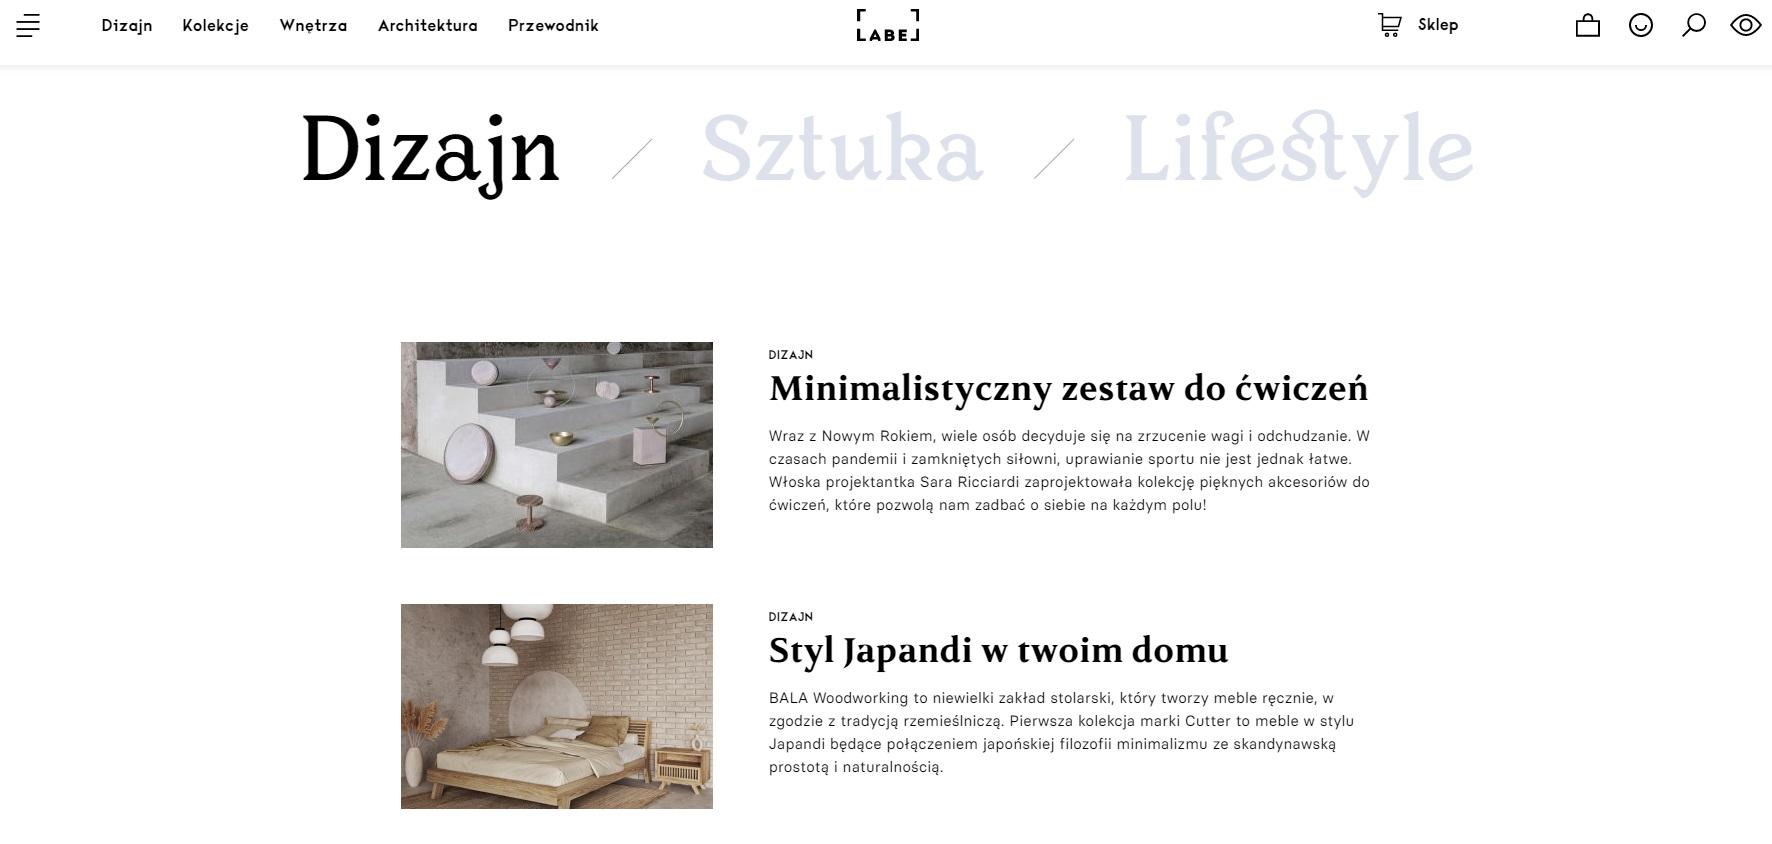 content marketing na przykładzie bloga